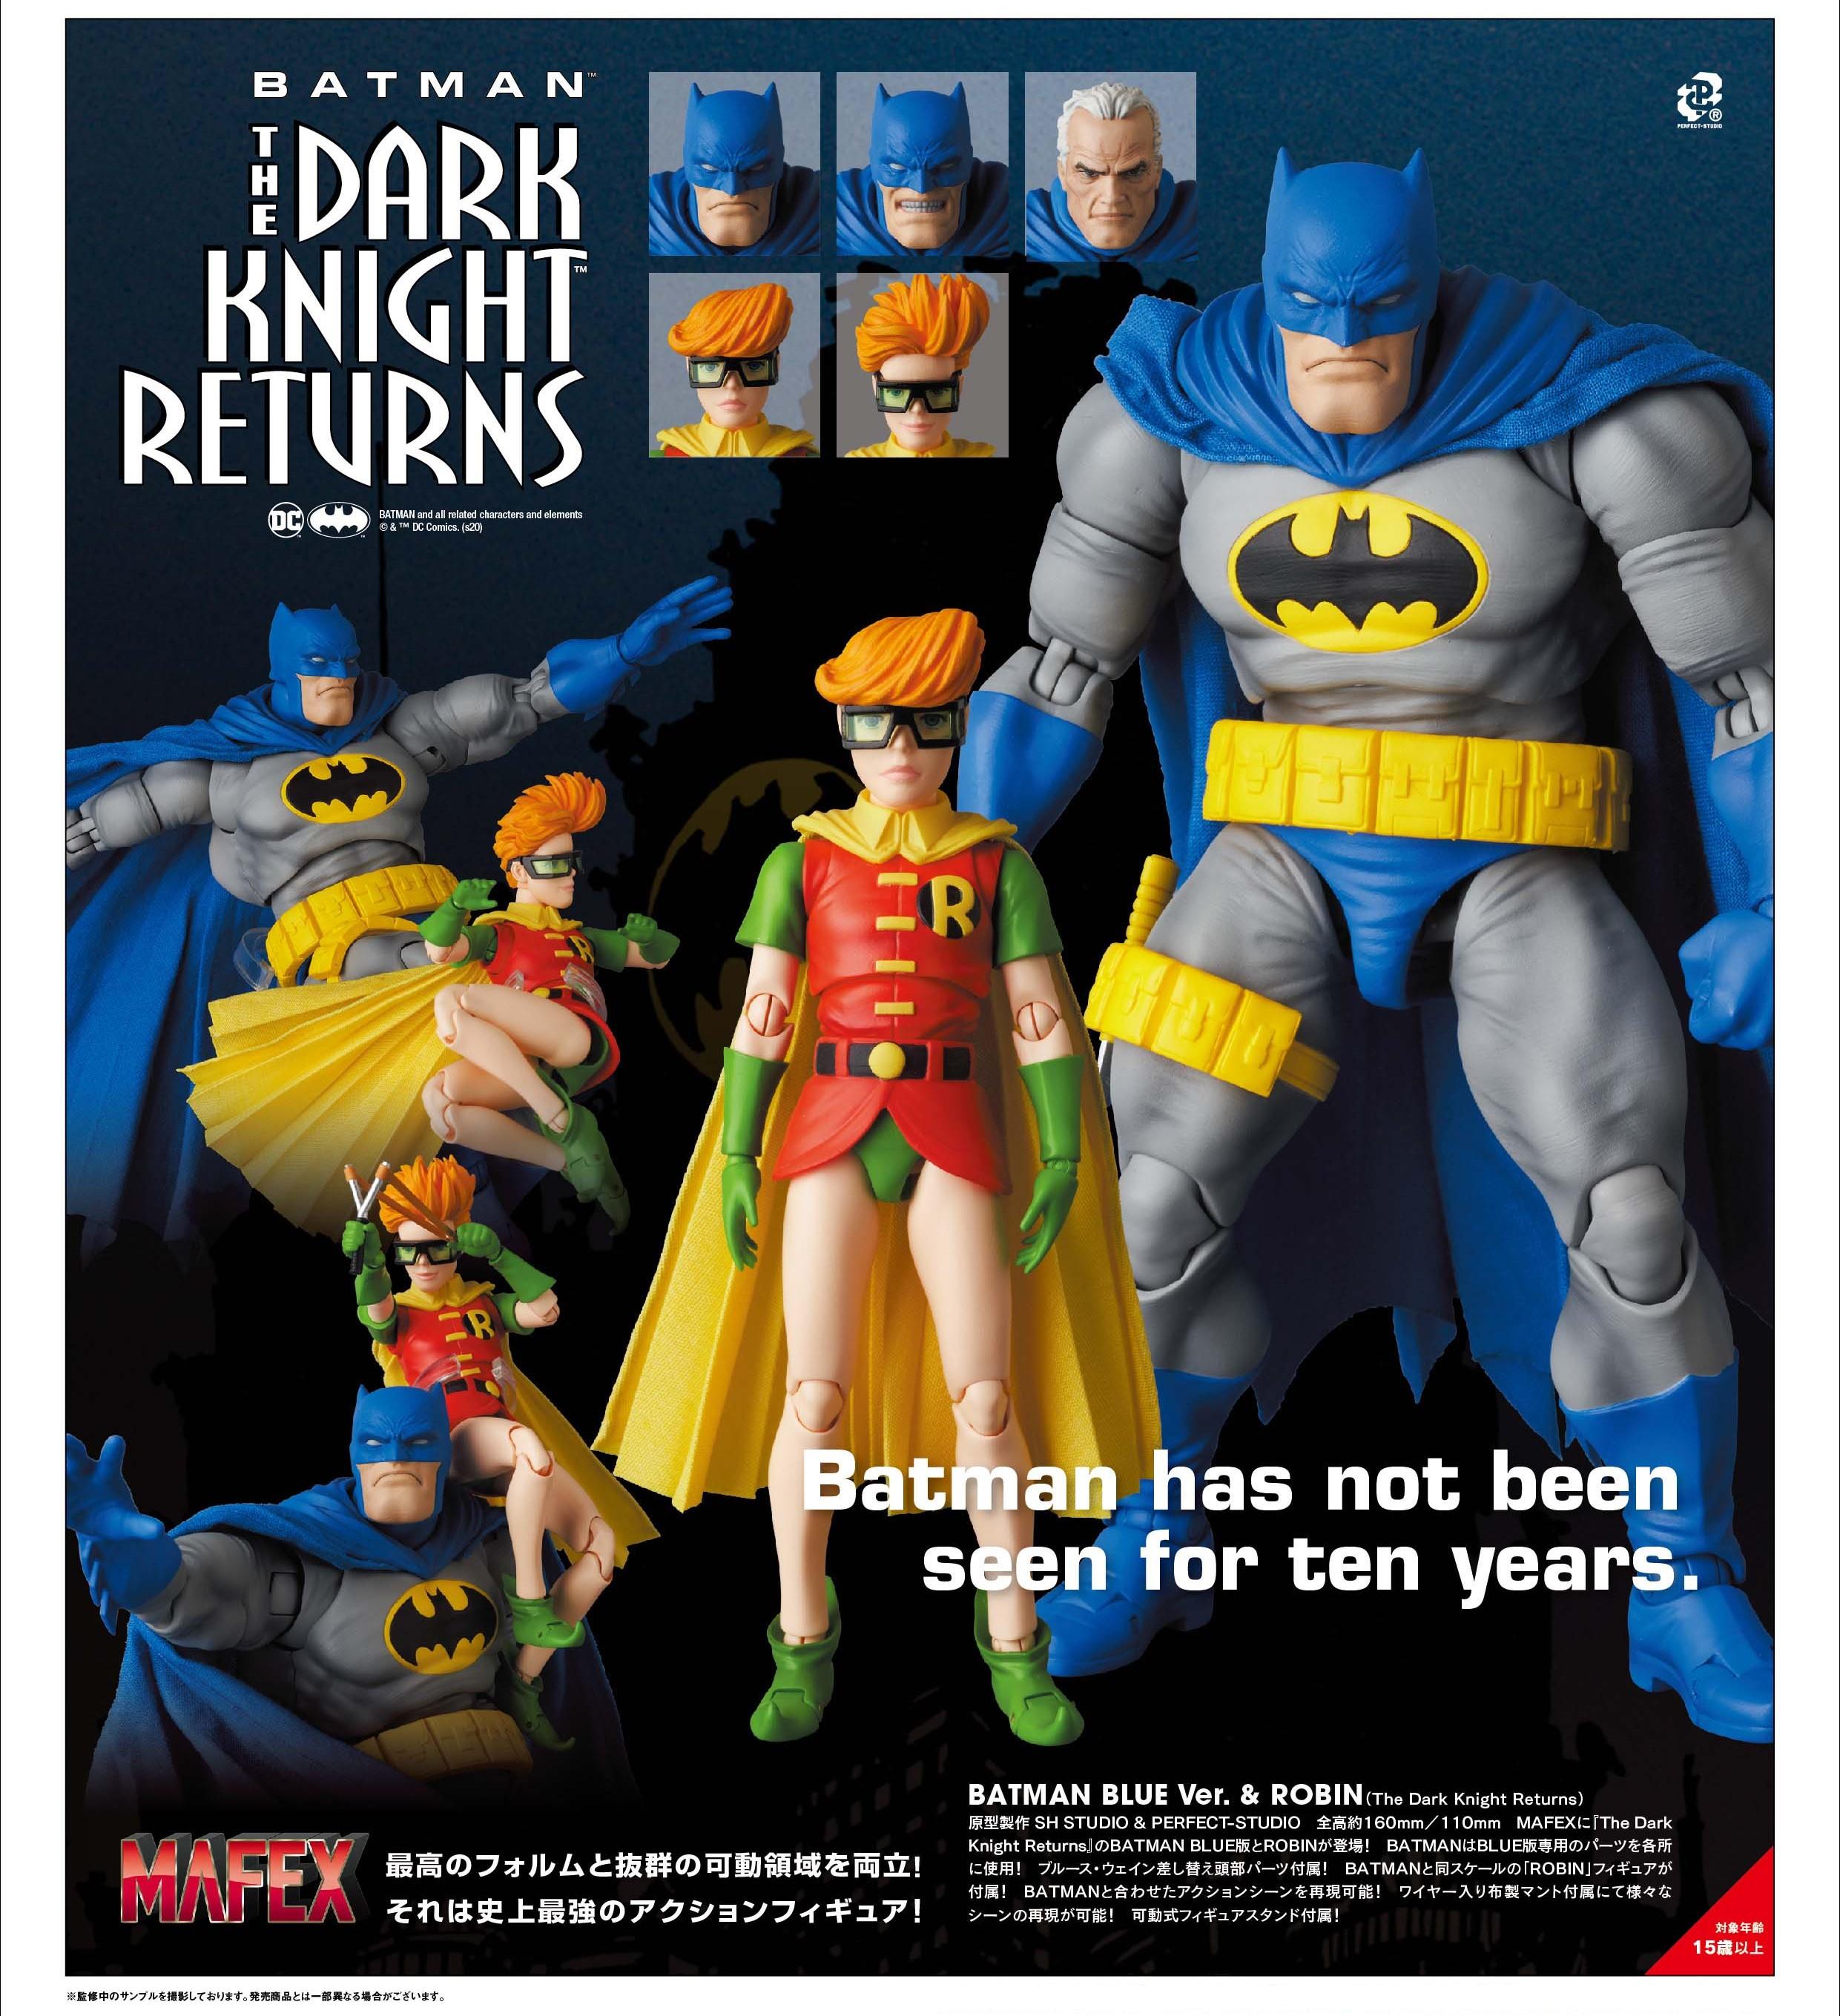 MAFEX バットマン&ロビン